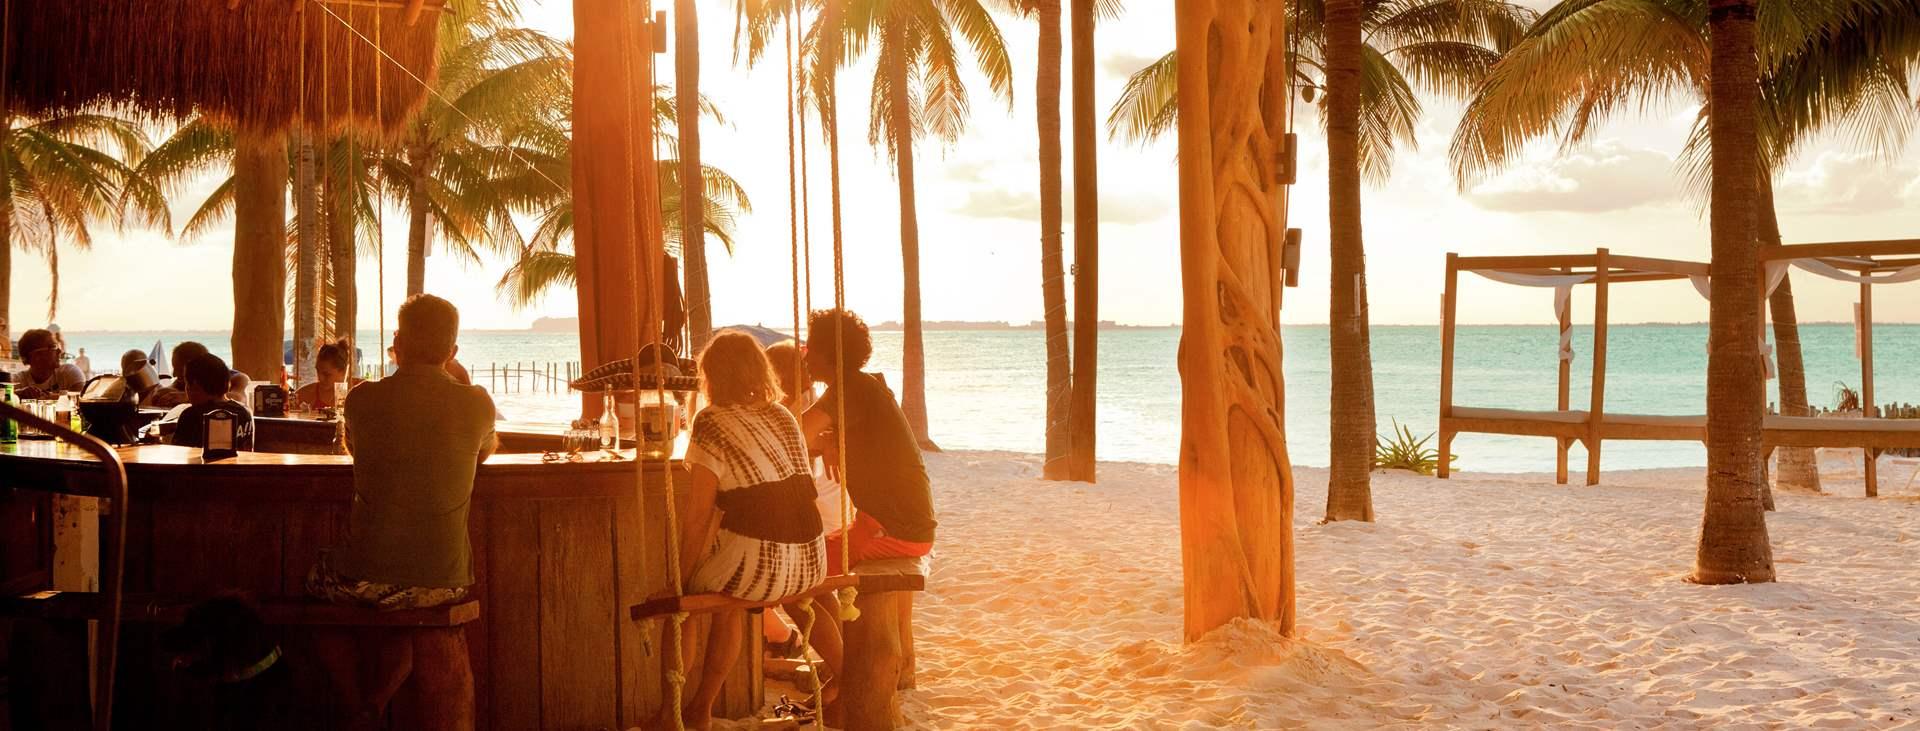 Boka en resa med All Inclusive till Isla Mujeres i Mexiko